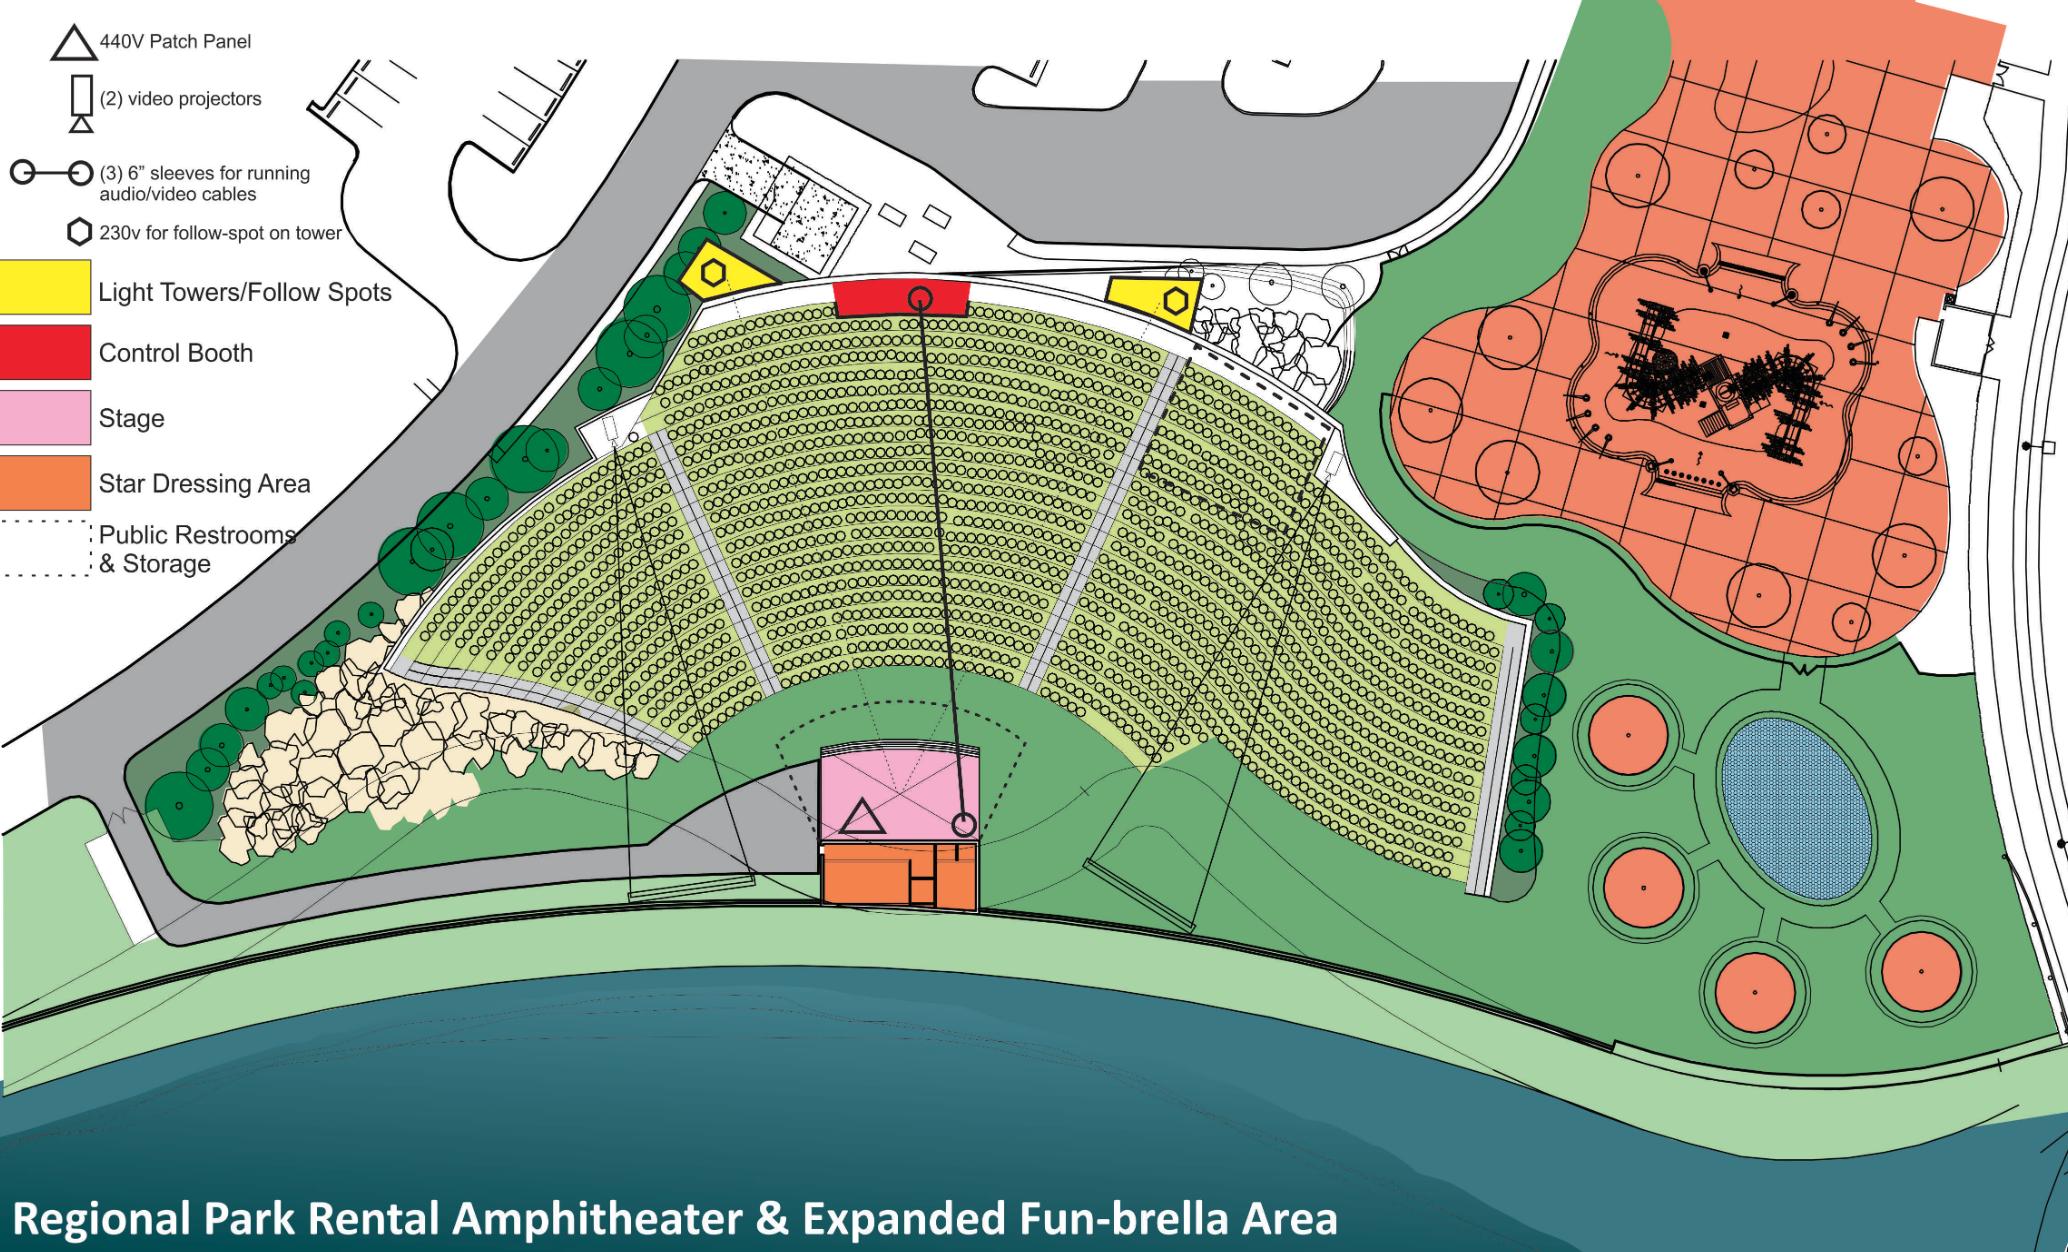 Map Of Miramar Florida.New Amphitheater Coming To Miramar Florida